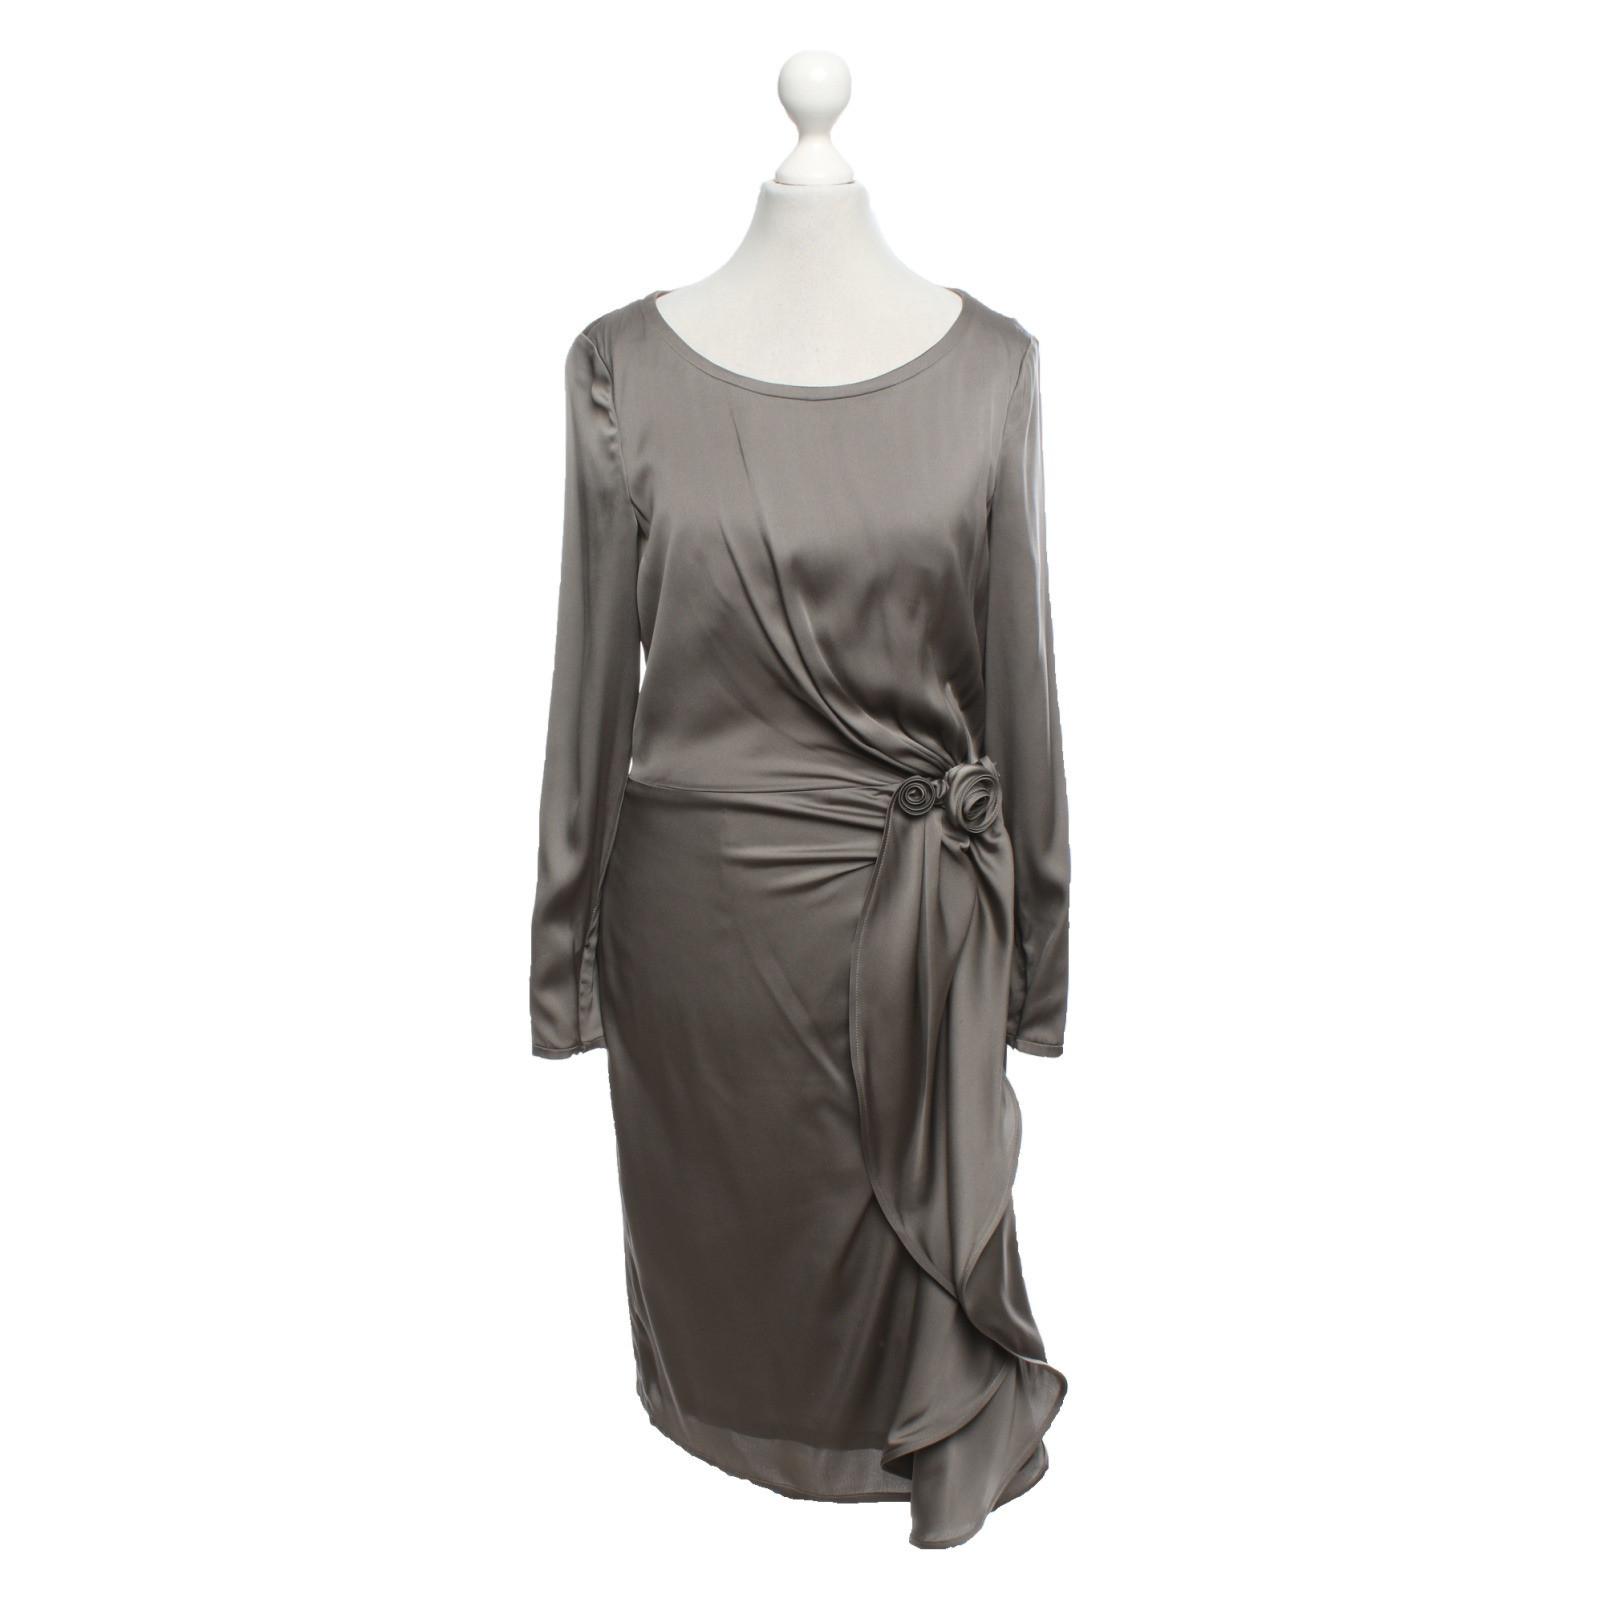 rena lange kleid in grau - second hand rena lange kleid in